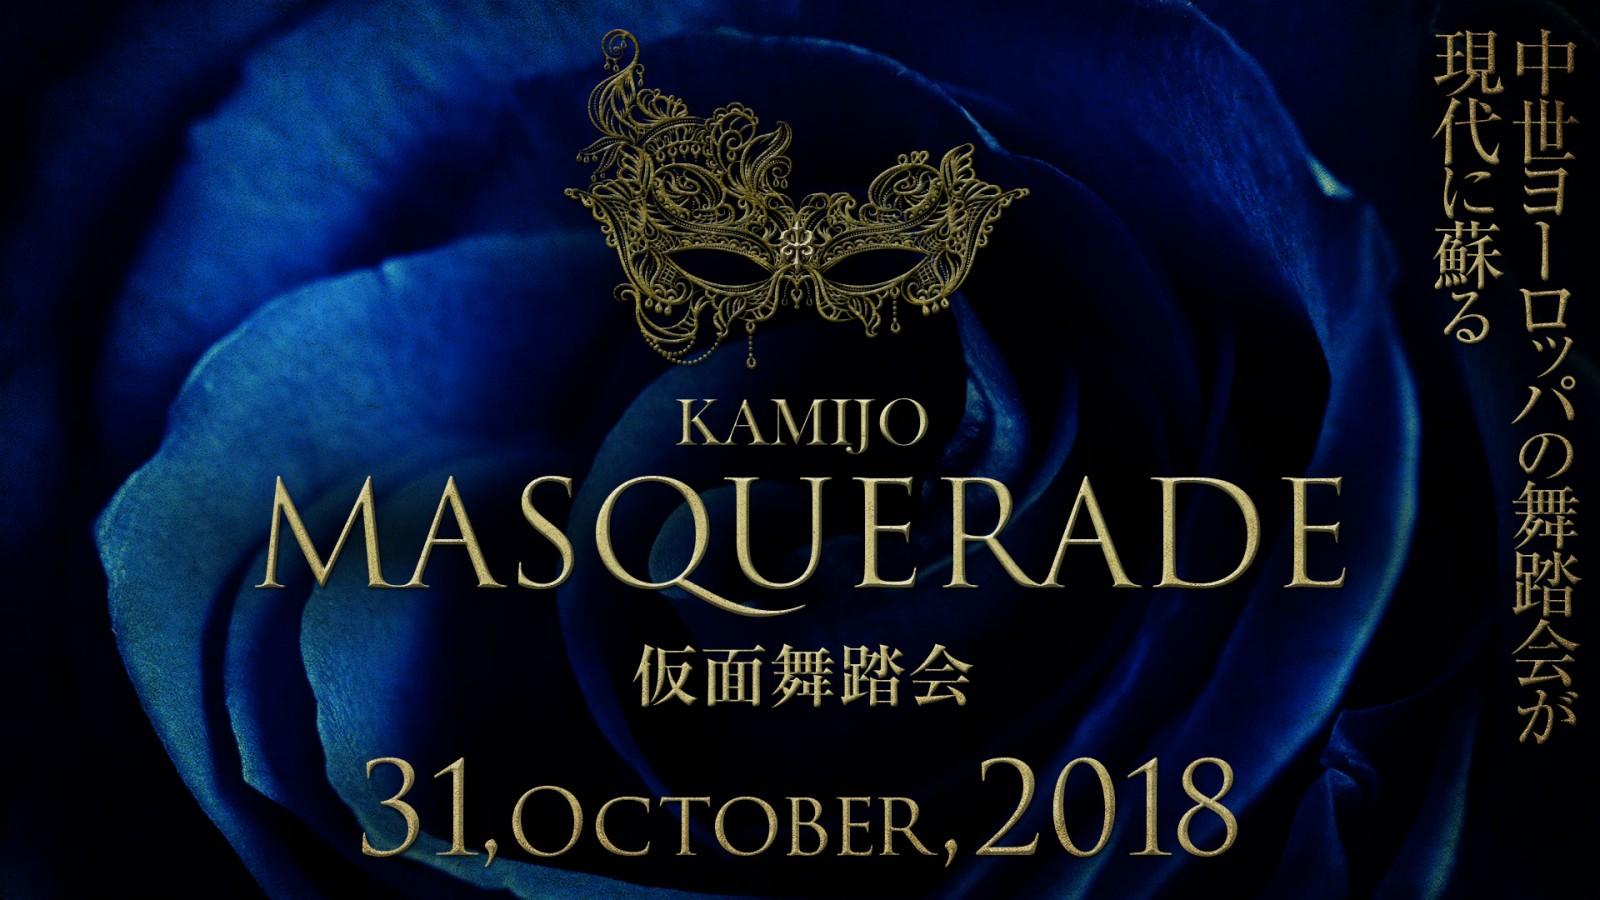 MASQUERADE BALL, Ballo in Maschera – 31 Ottobre 2018